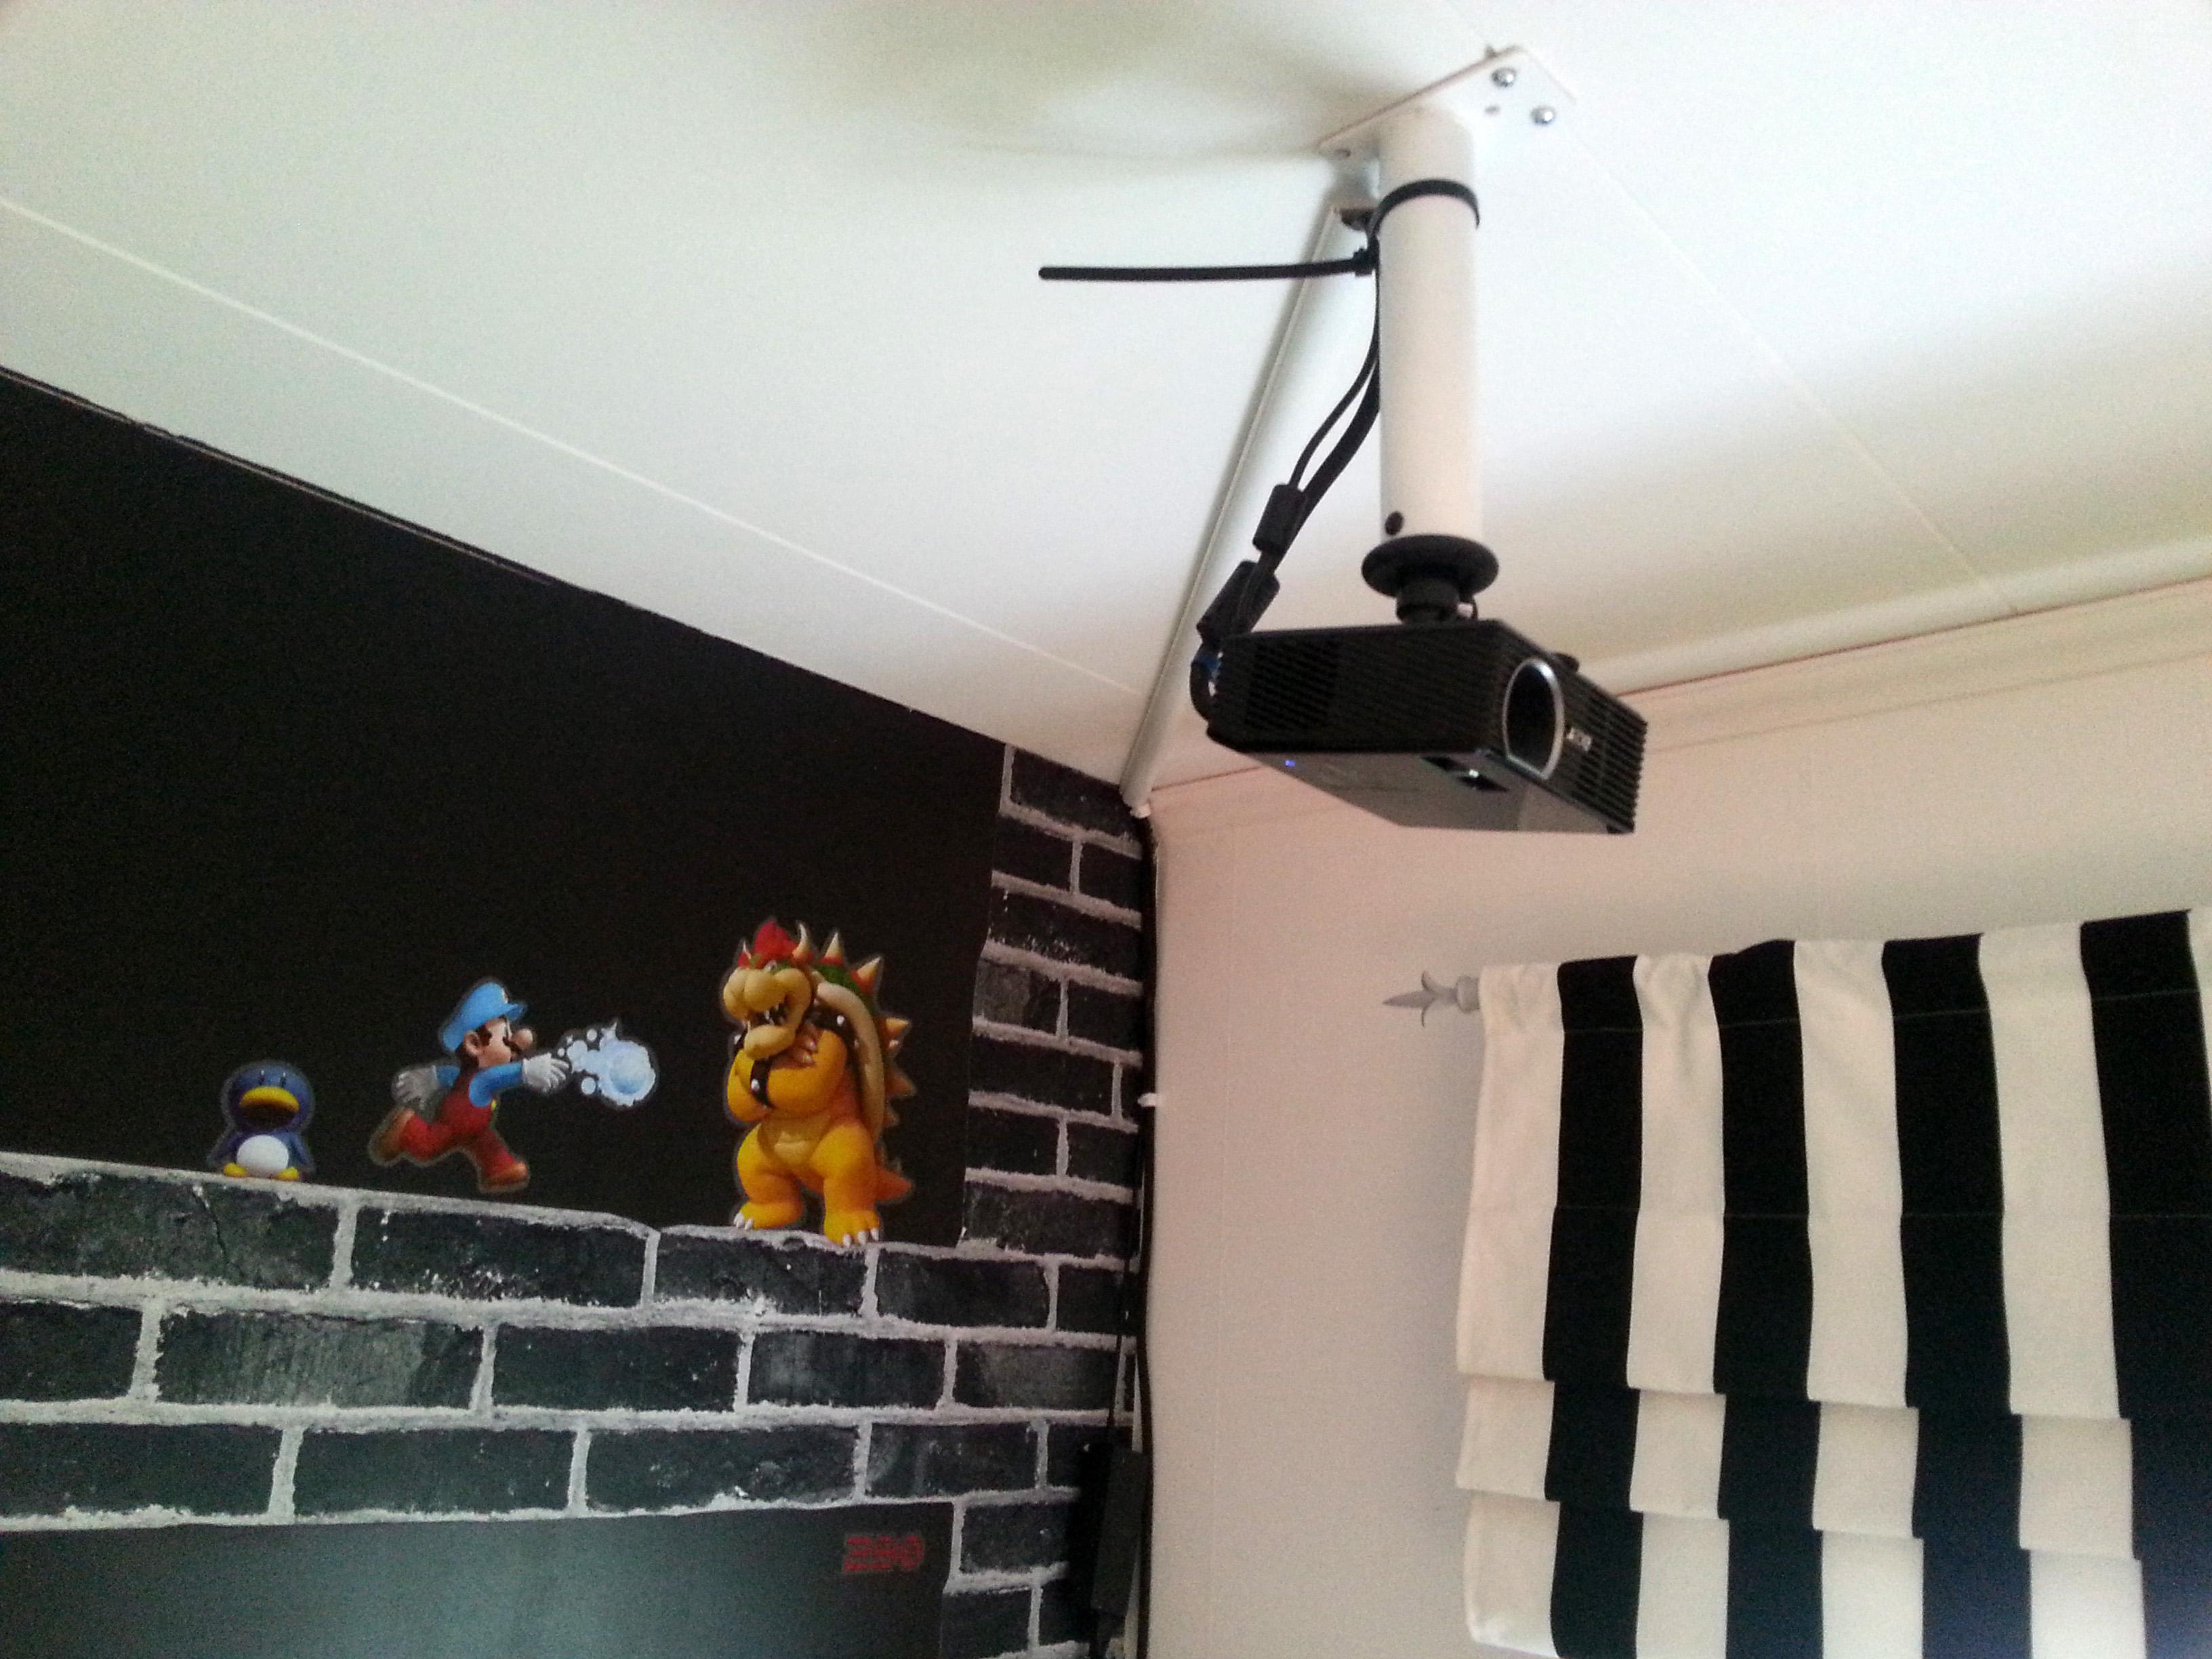 Projektorn i taket. En mkt smidig med LED-lampa. Bowser håller på att bli isad i bakgrunden.